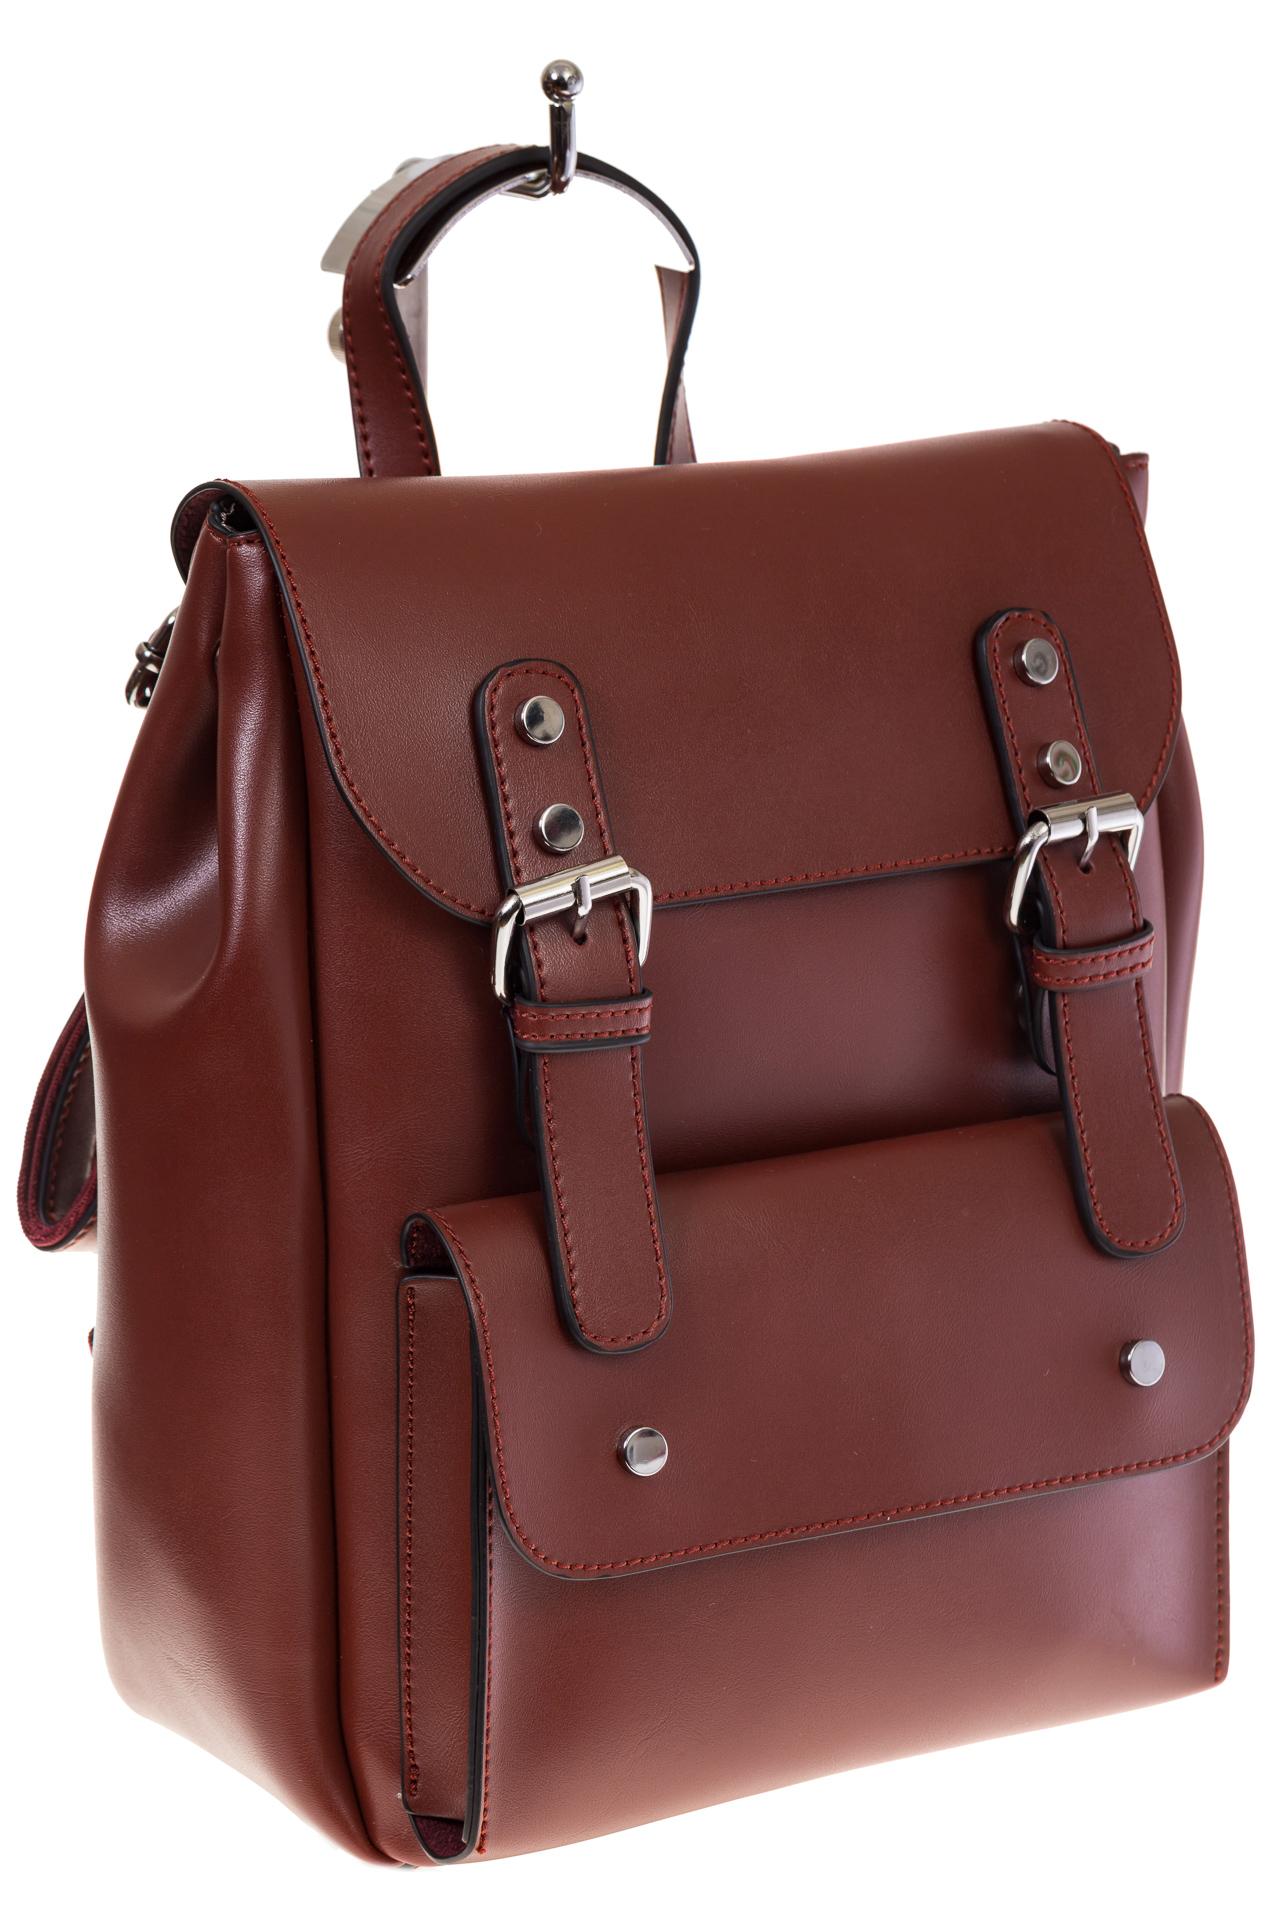 Купить оптом женский ранец из эко-кожи, цвет корица, фото